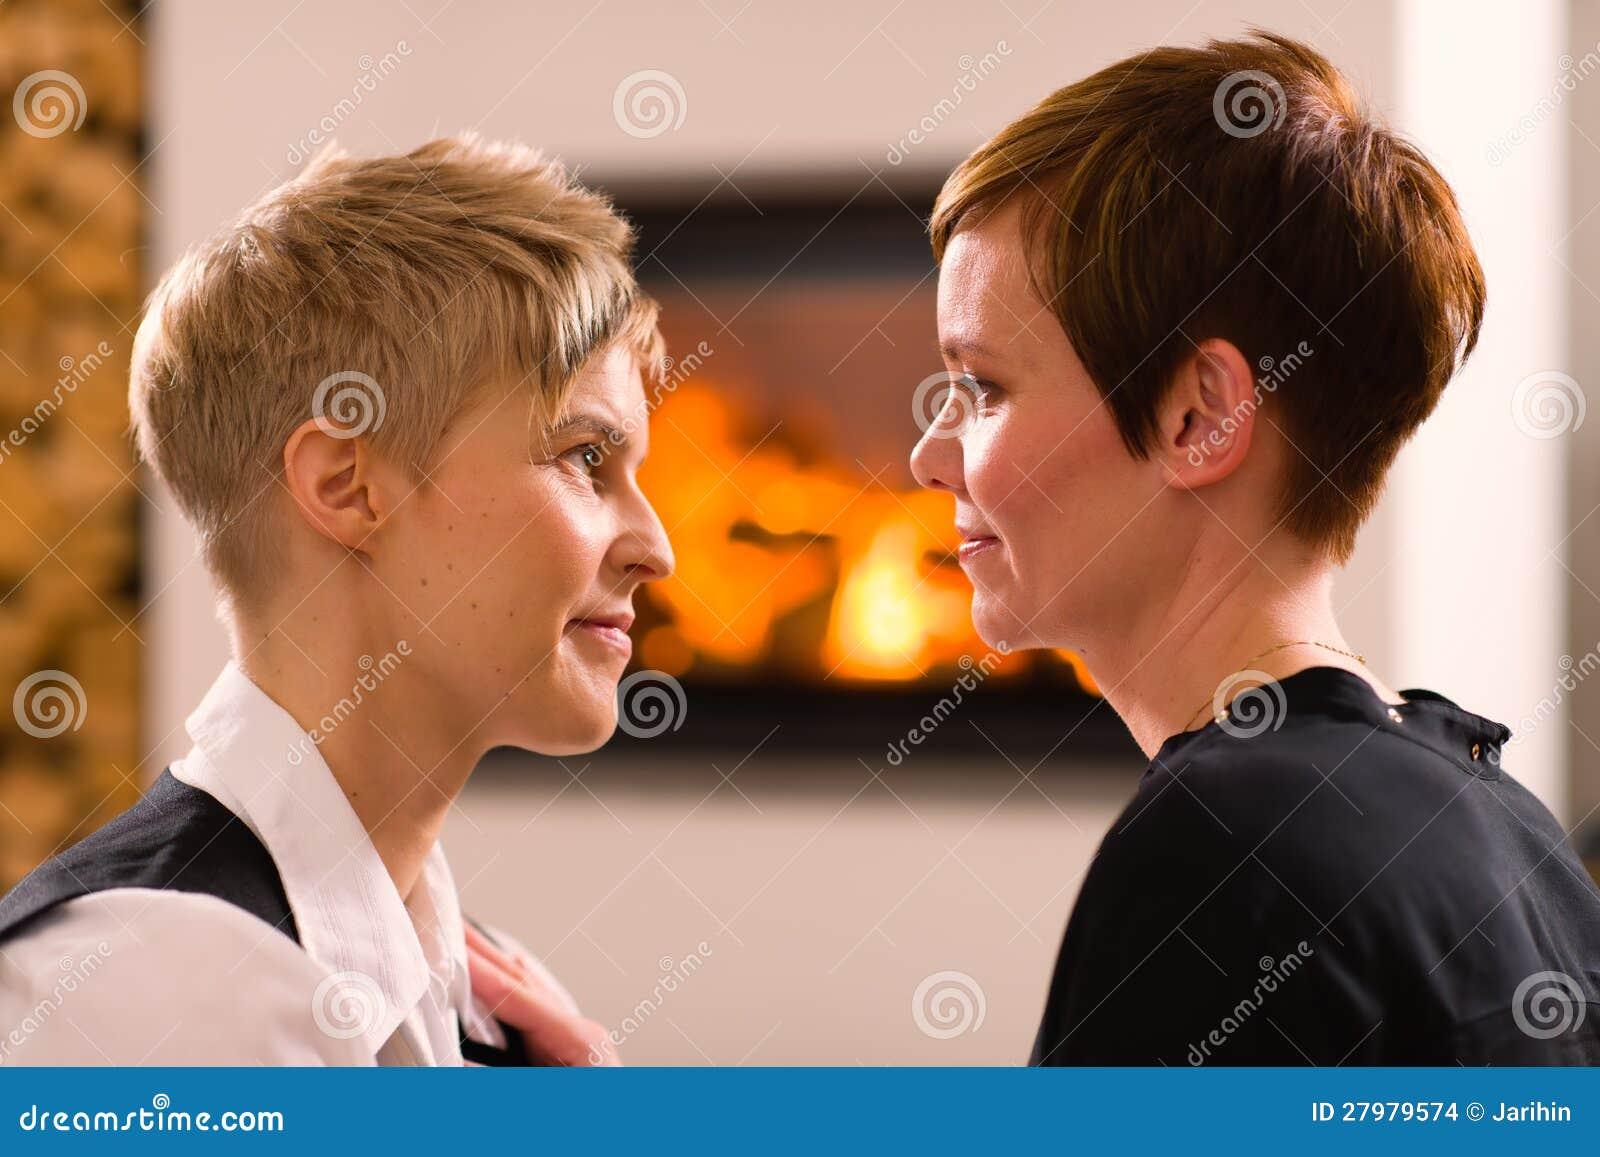 女同性恋15p_一对女同性恋的夫妇,在背景,展望期格式的壁炉的纵向在爱的.